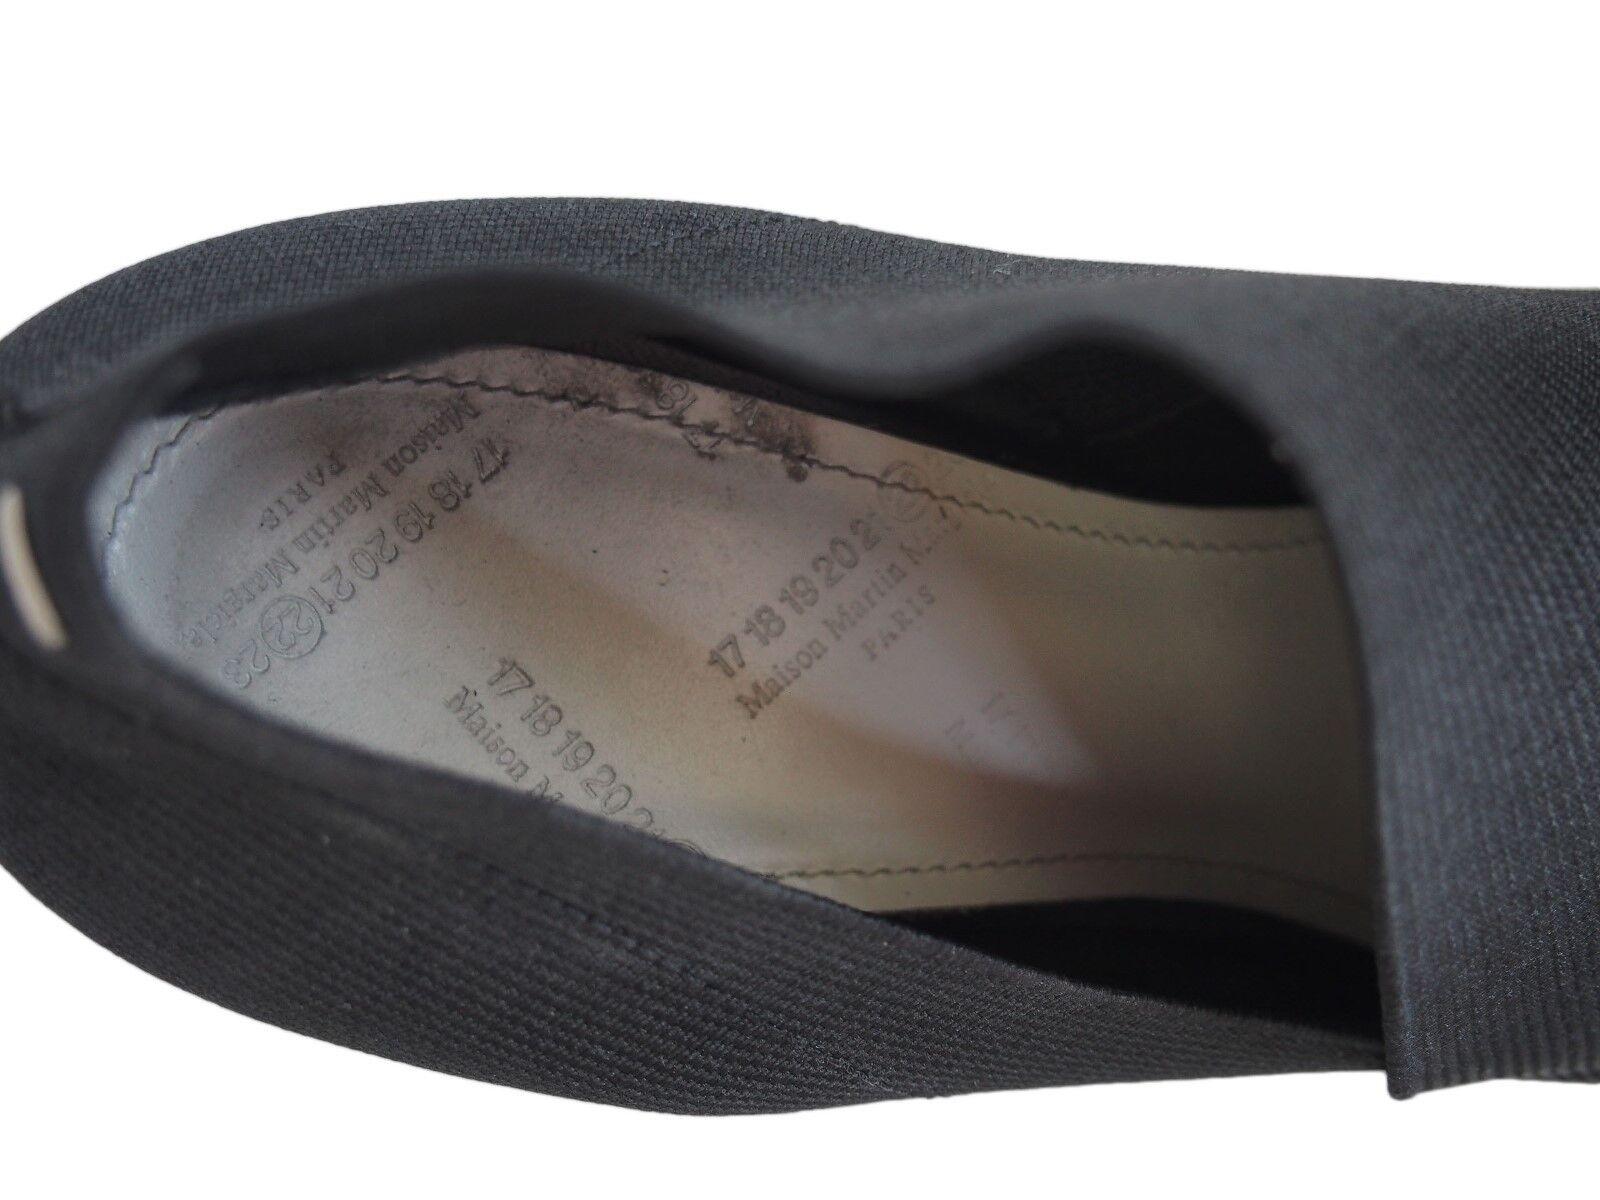 Maison Martin Margiela Women's Wedge Shoes Black … - image 7